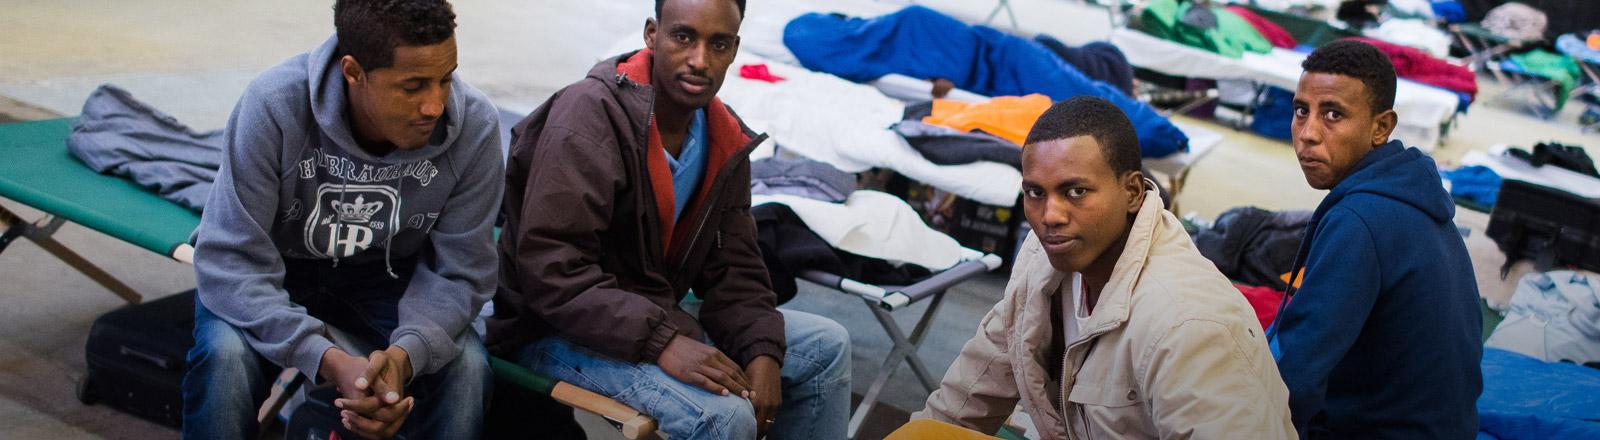 Vier Männer in einer Flüchtlingsunterkunft